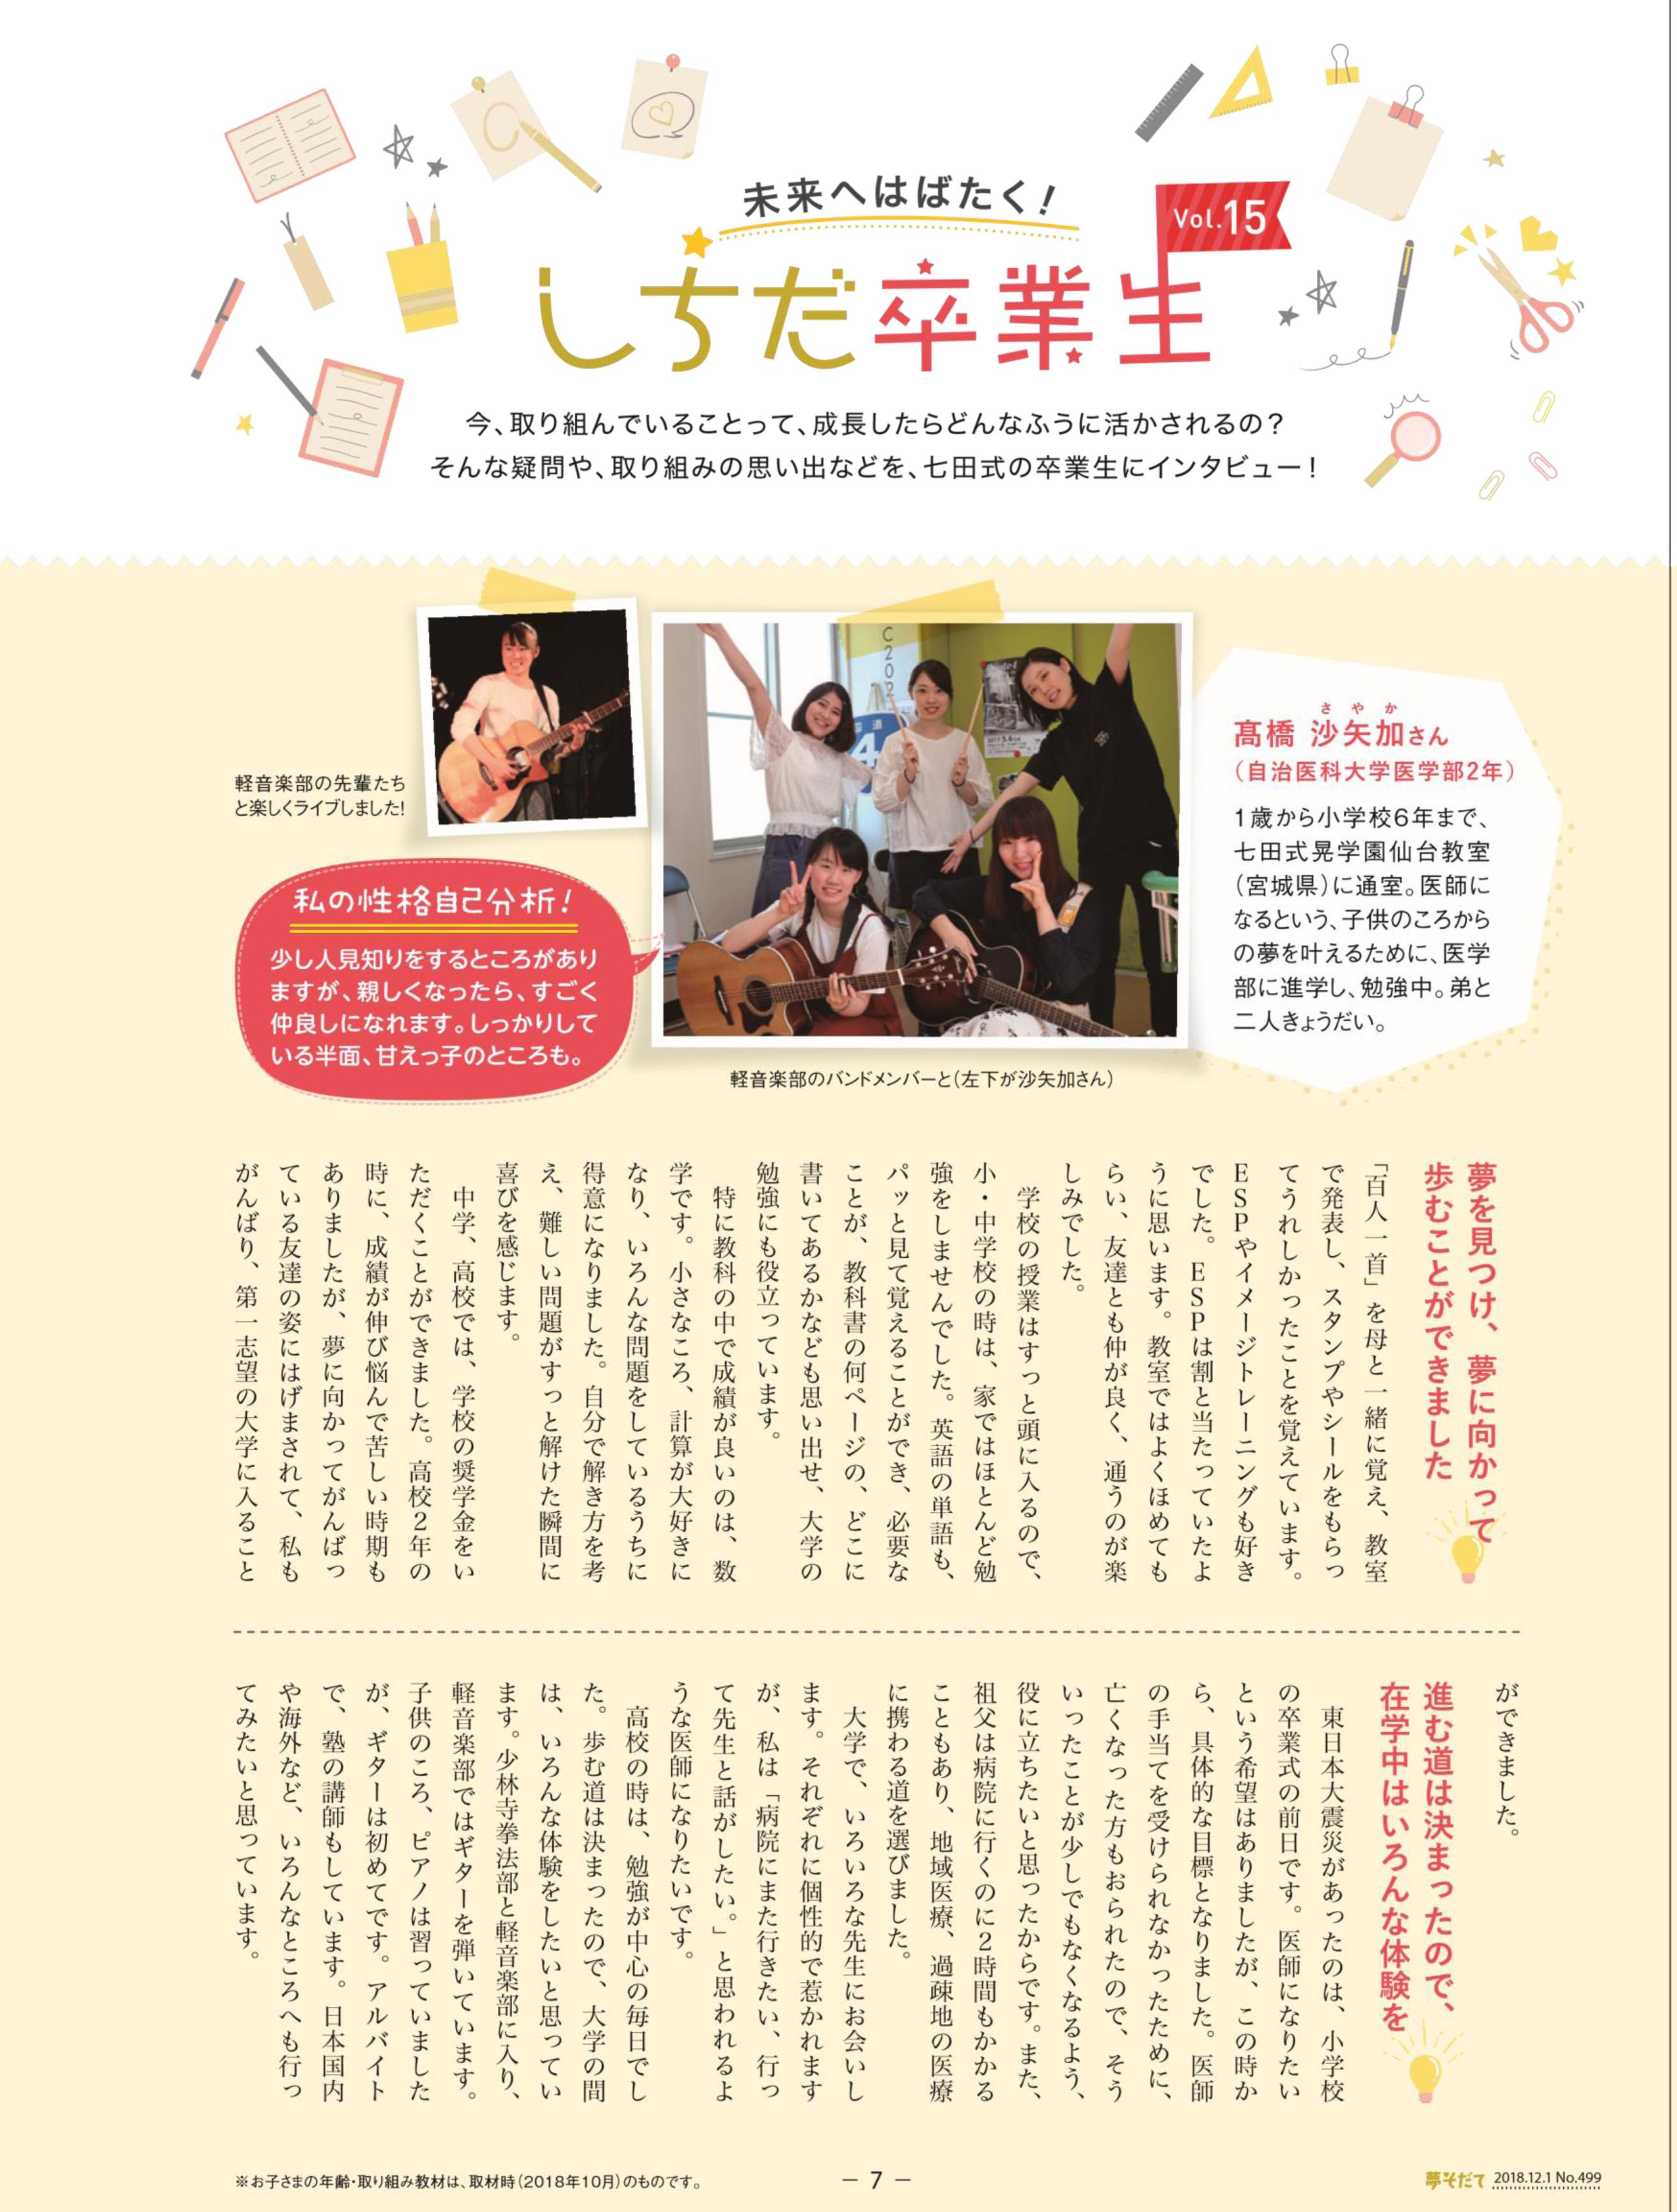 晃学園仙台校の卒業生が活躍しています!